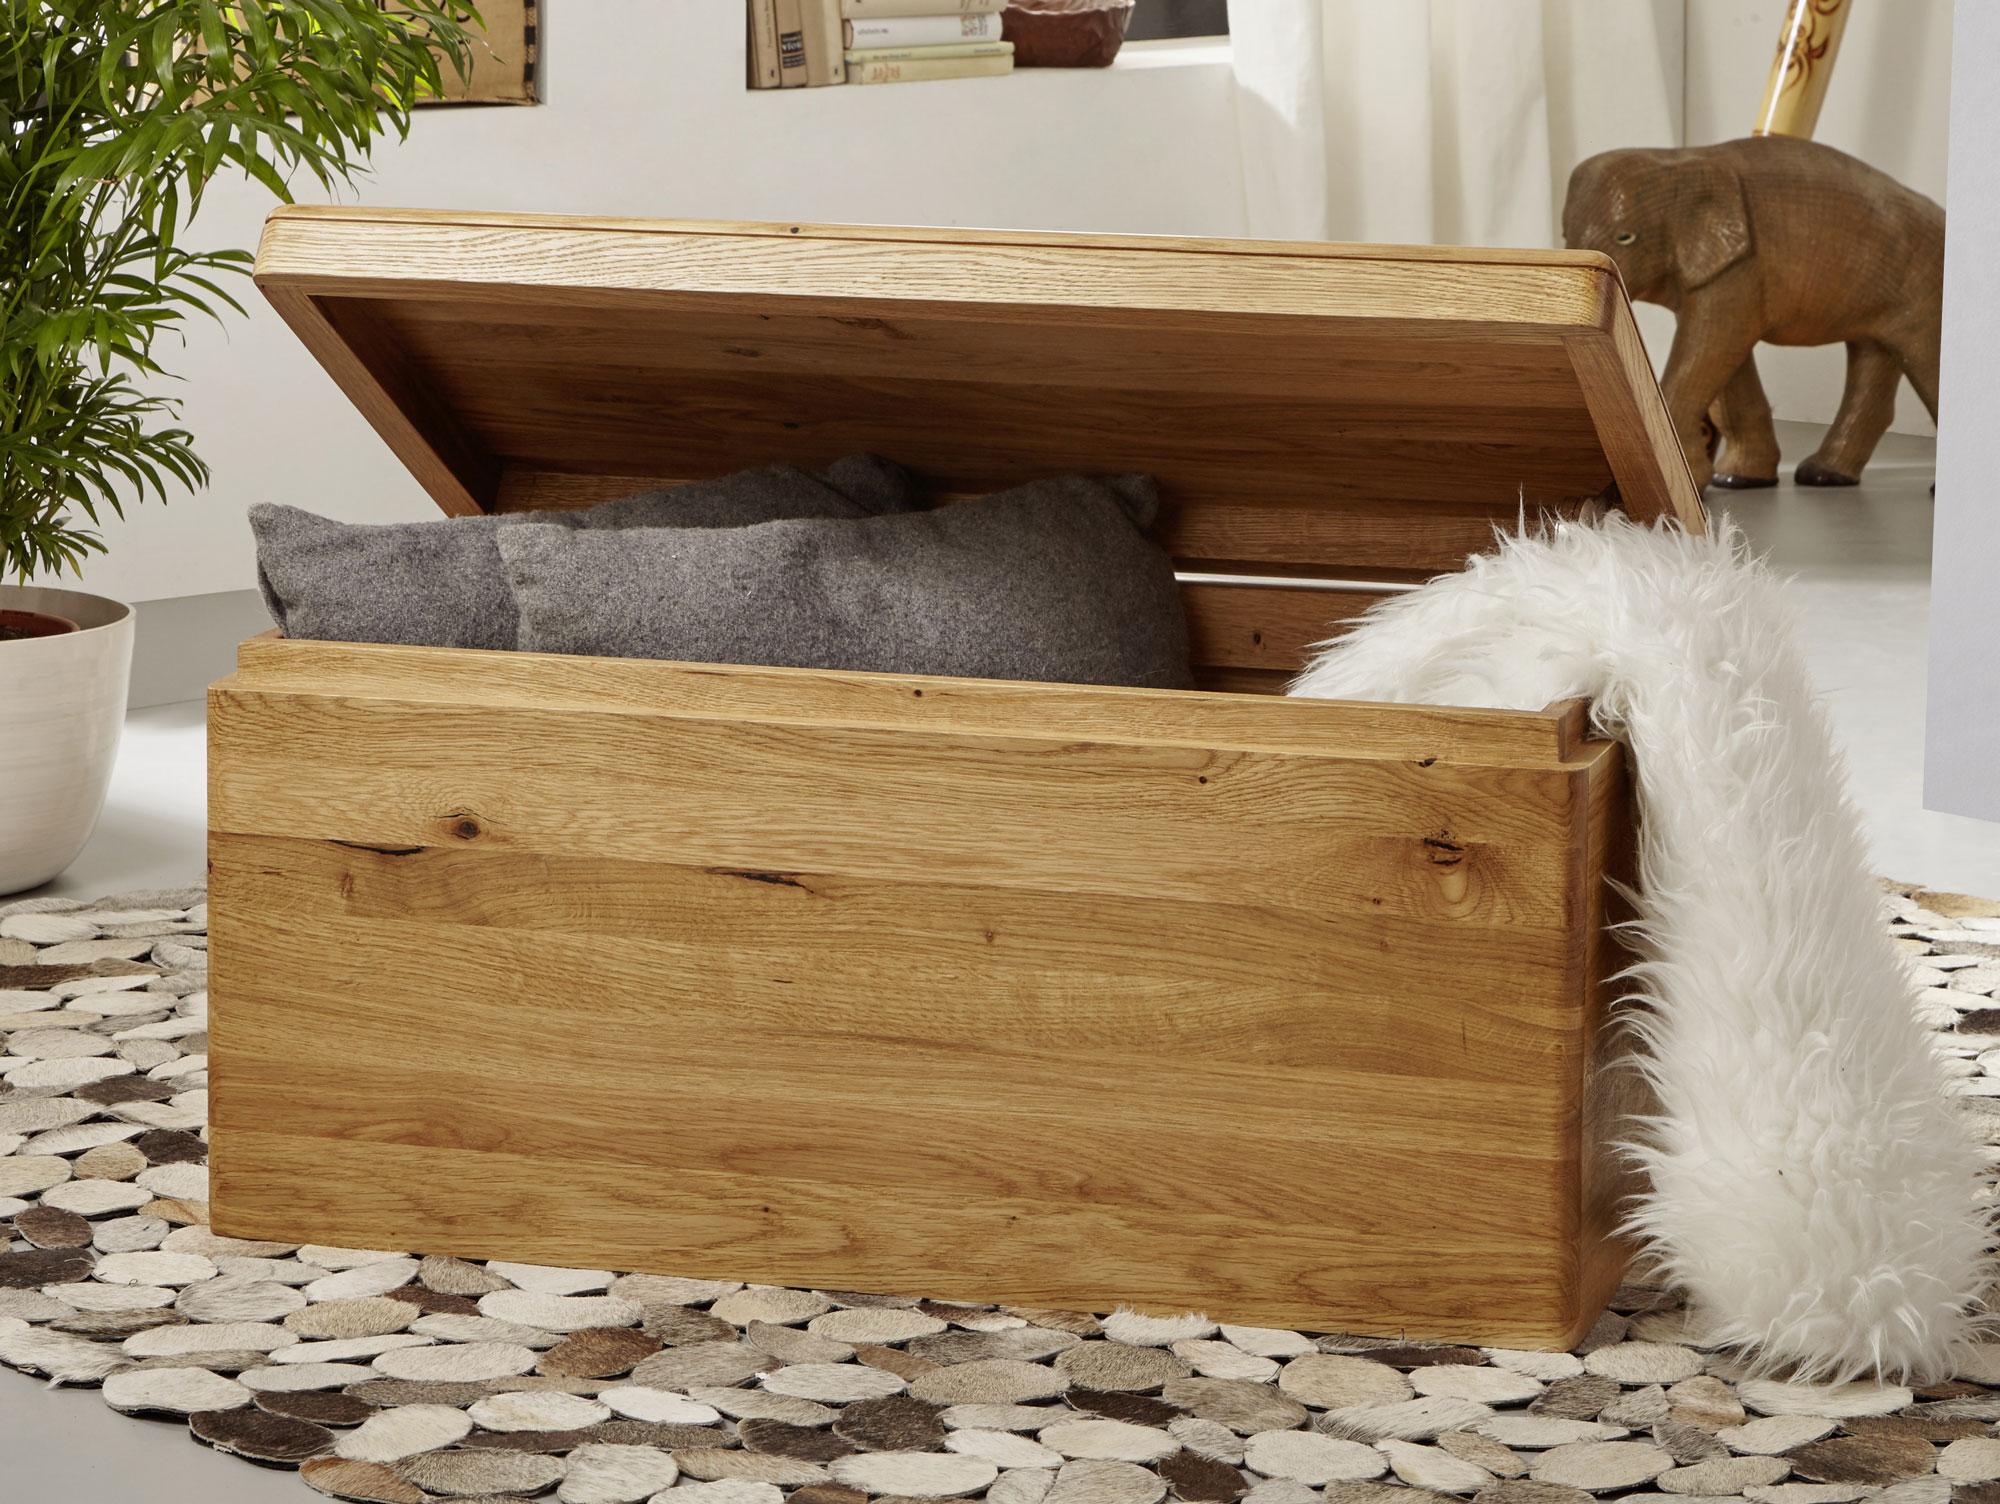 truhe mit deckel ean 2300001646169. Black Bedroom Furniture Sets. Home Design Ideas